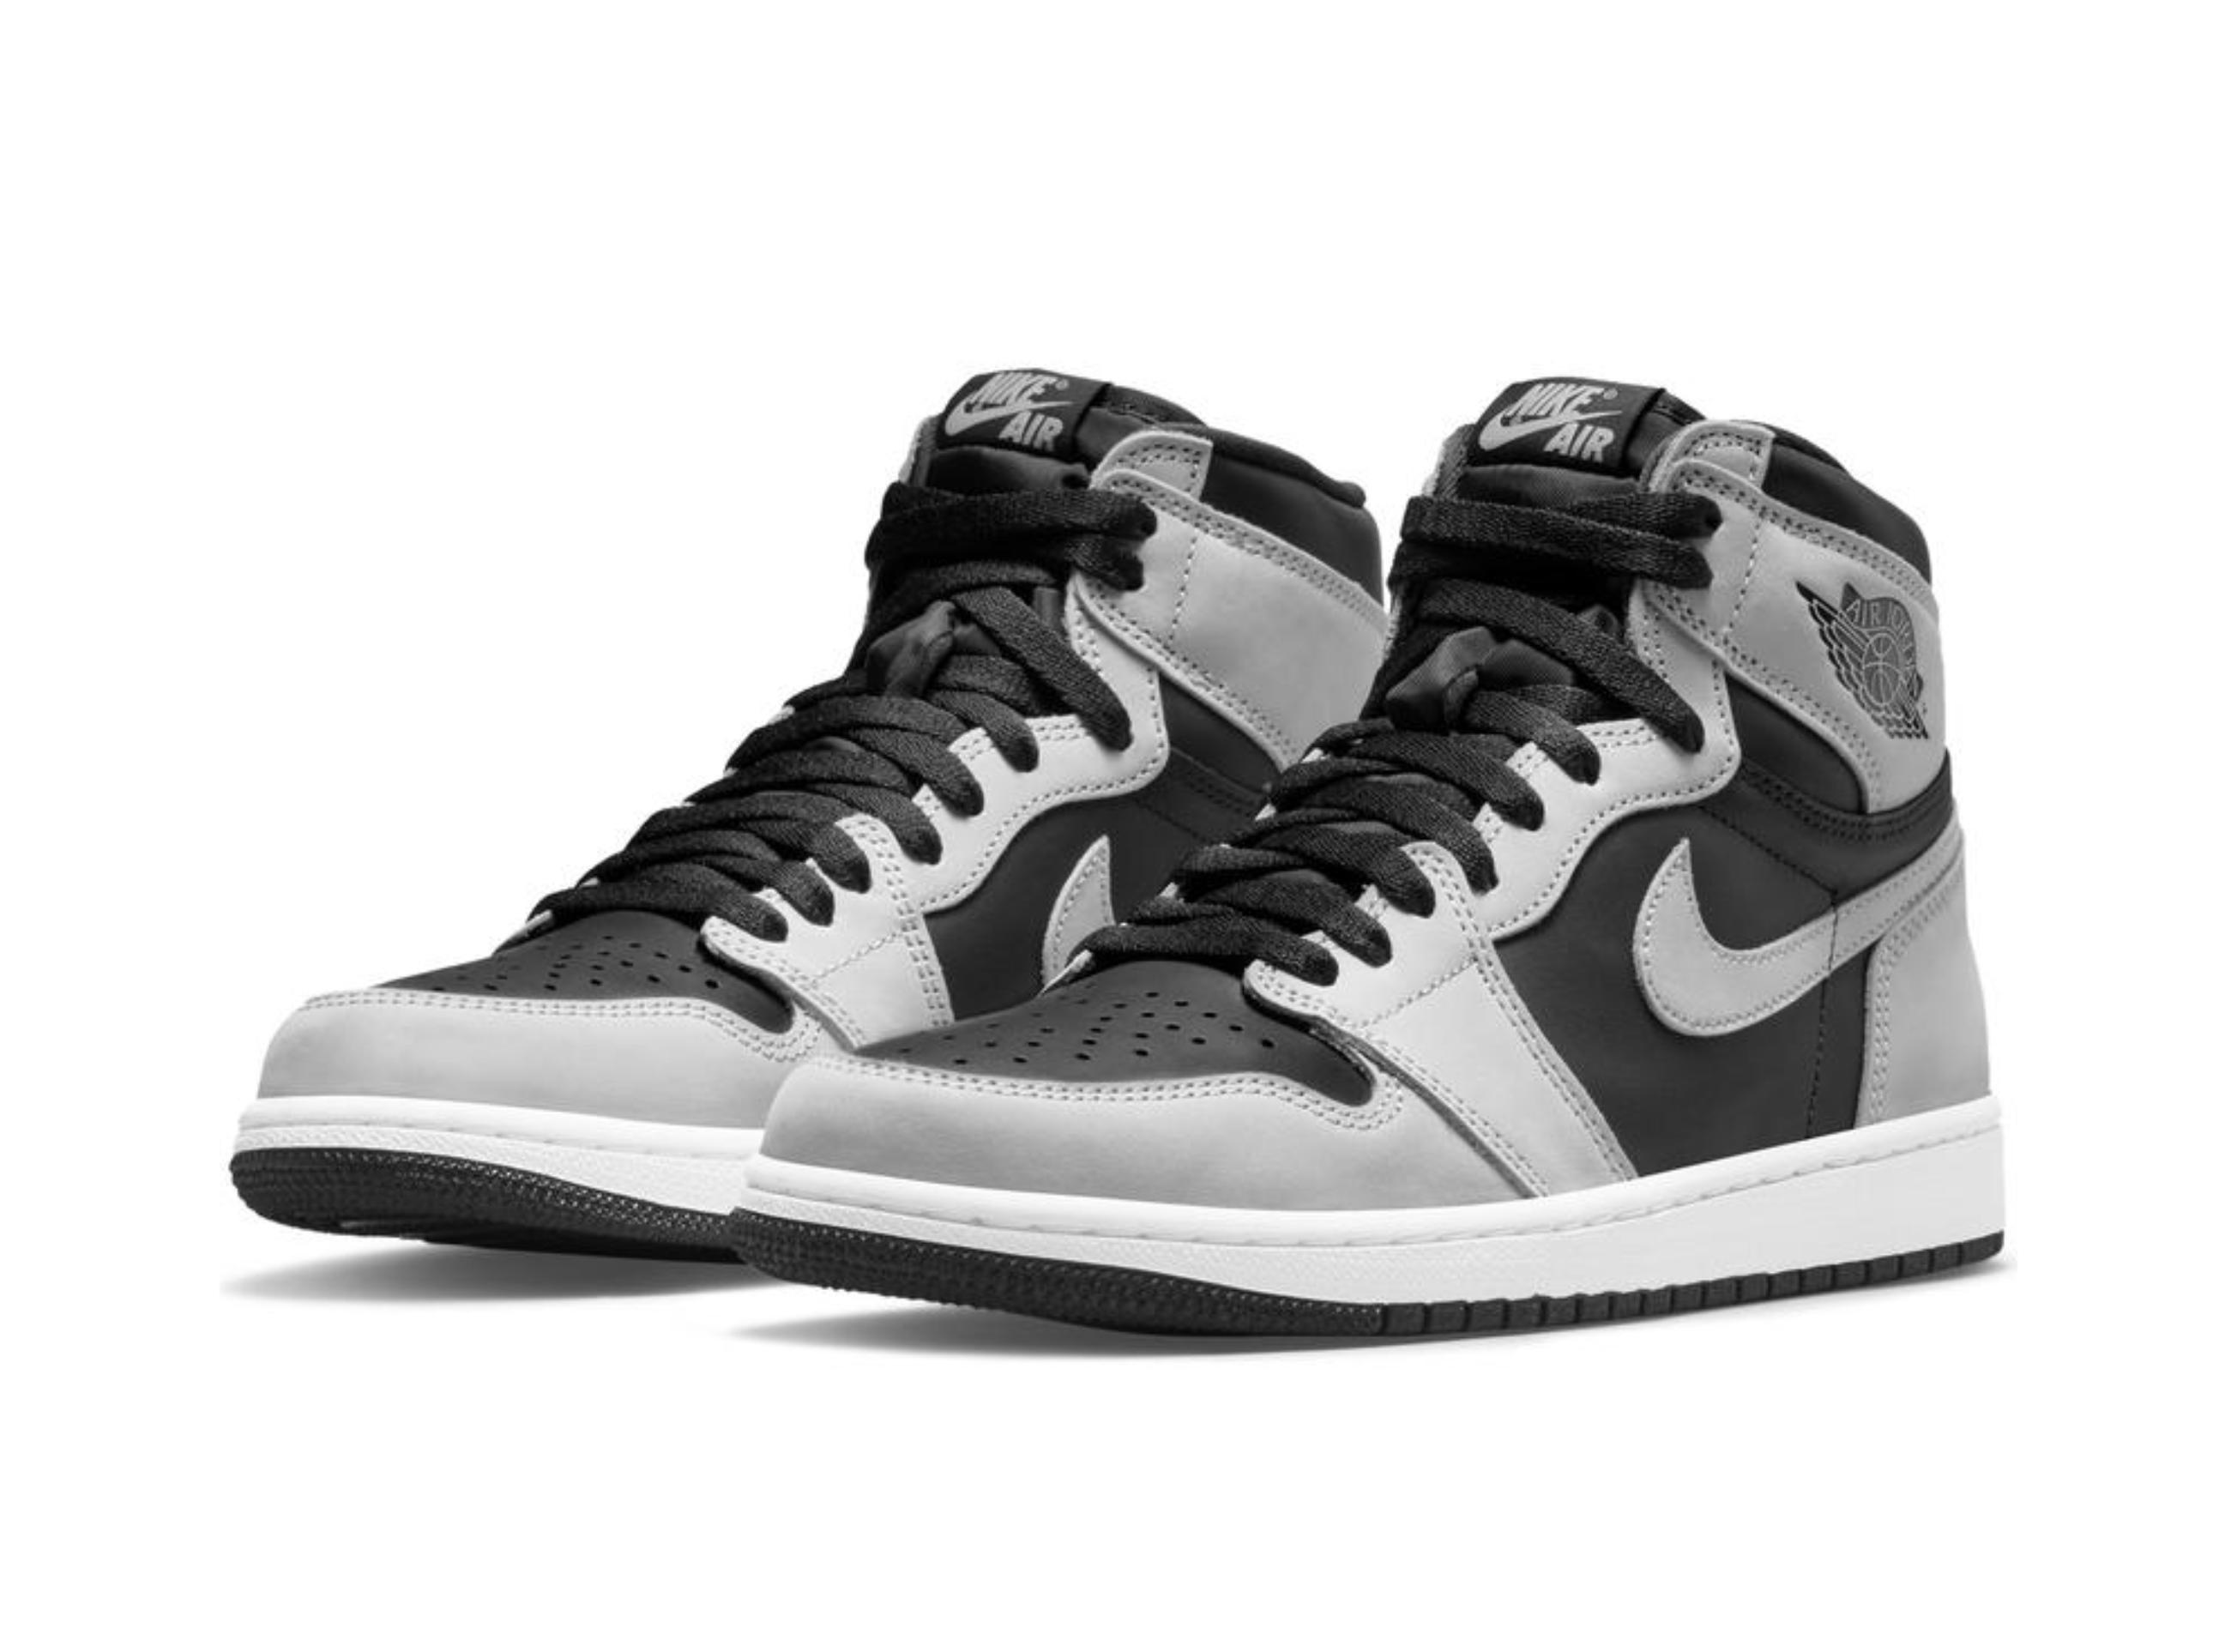 Air Jordan 1 (Shadow 2.0)